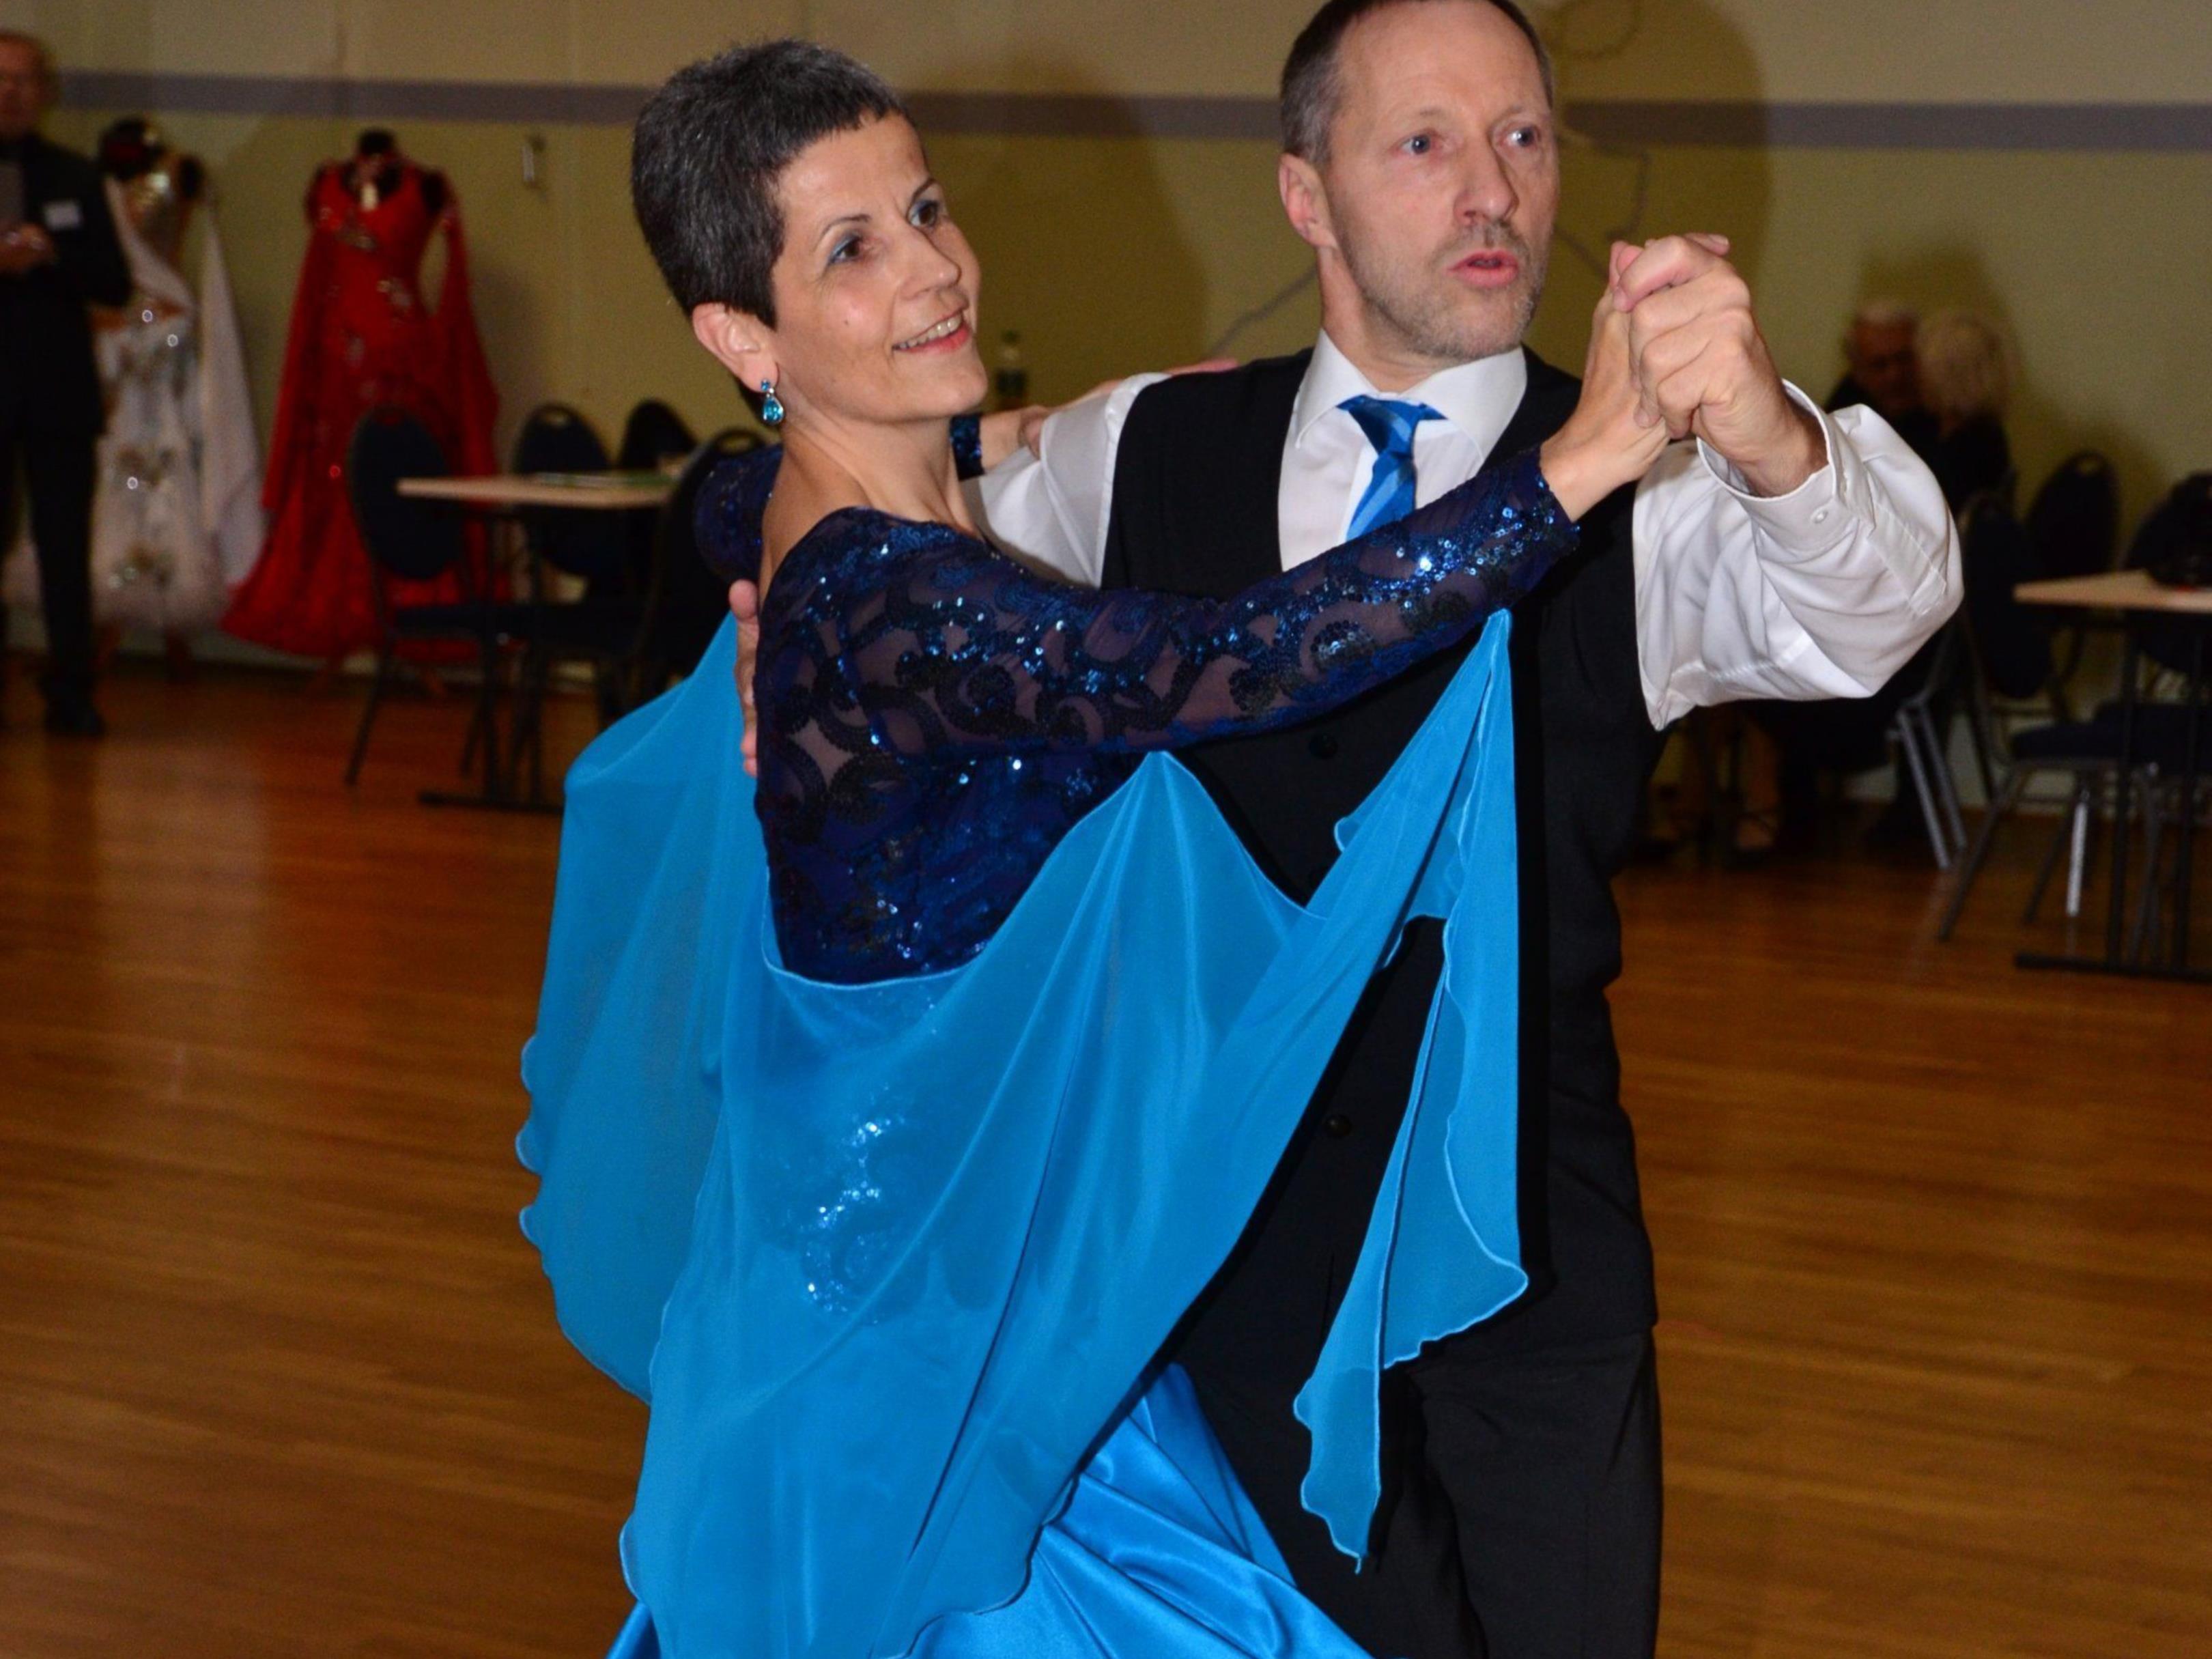 Barbara und Eugen Kathan bewiesen eine gute Kondition